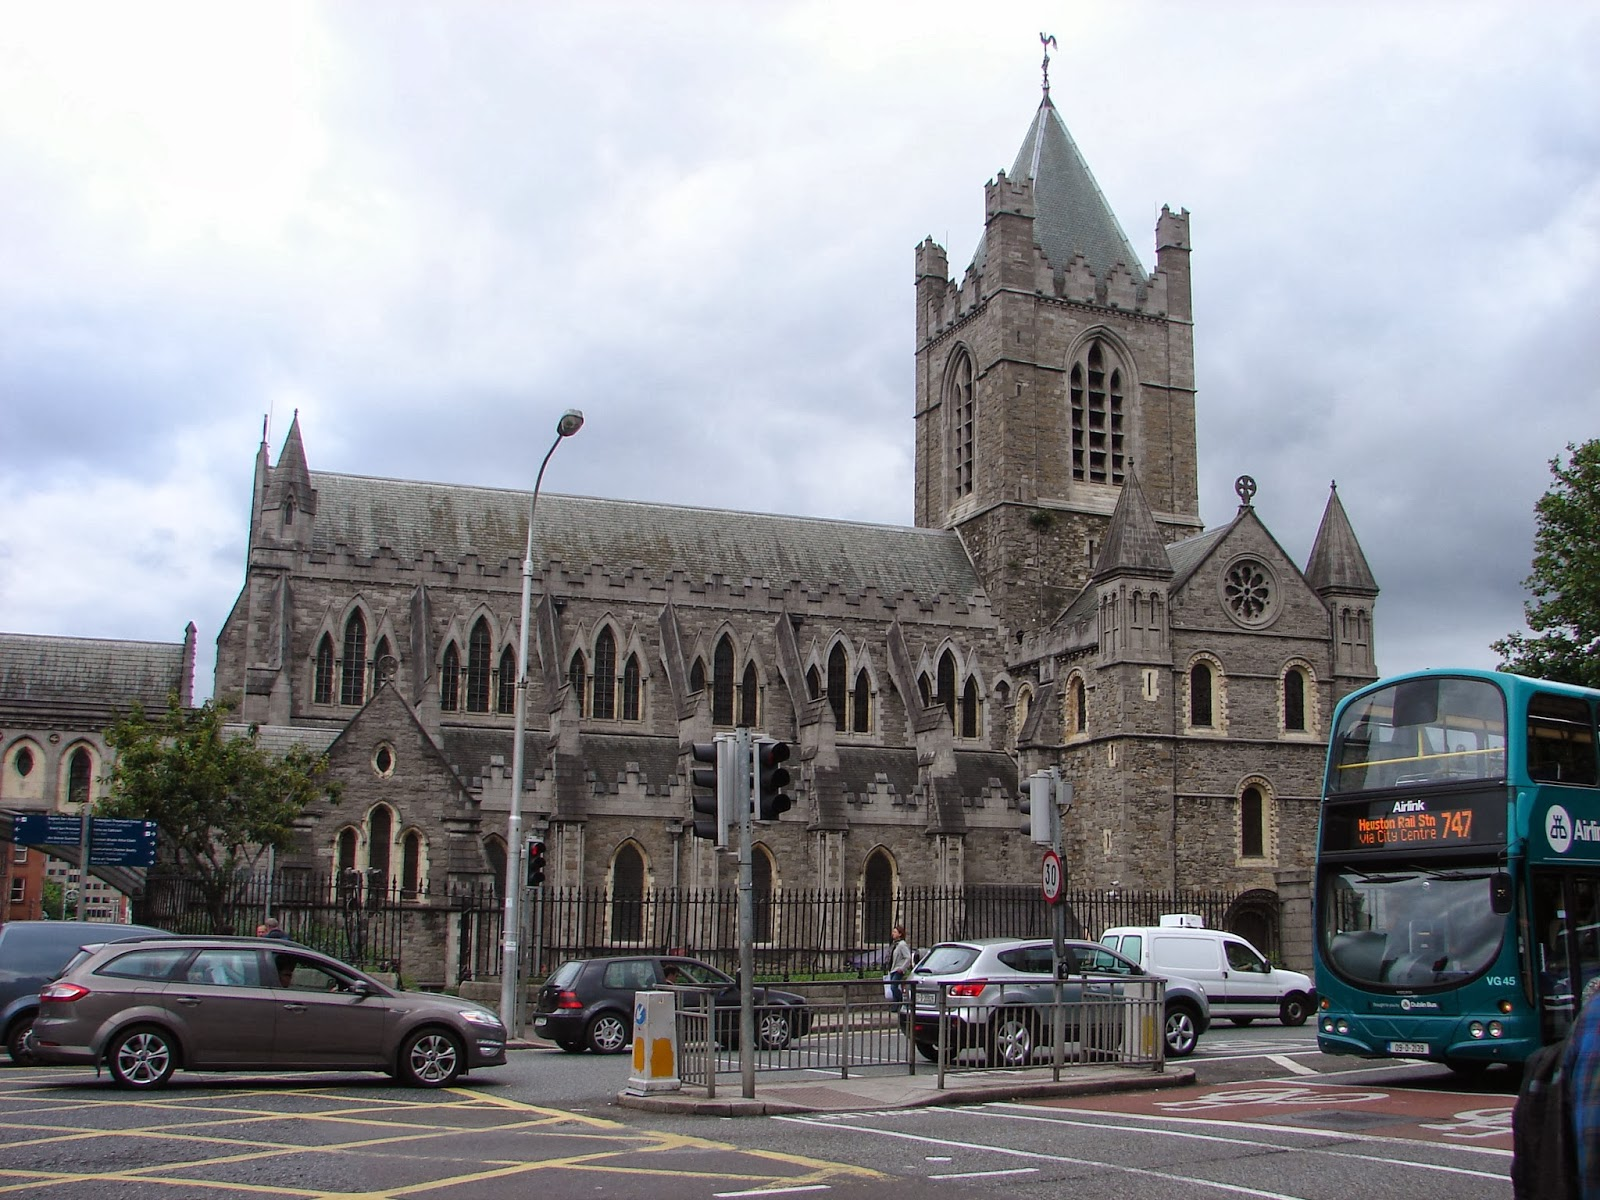 Catedral de Cristo ou da Stma. Trindade (anglicana) [foto XMLS]